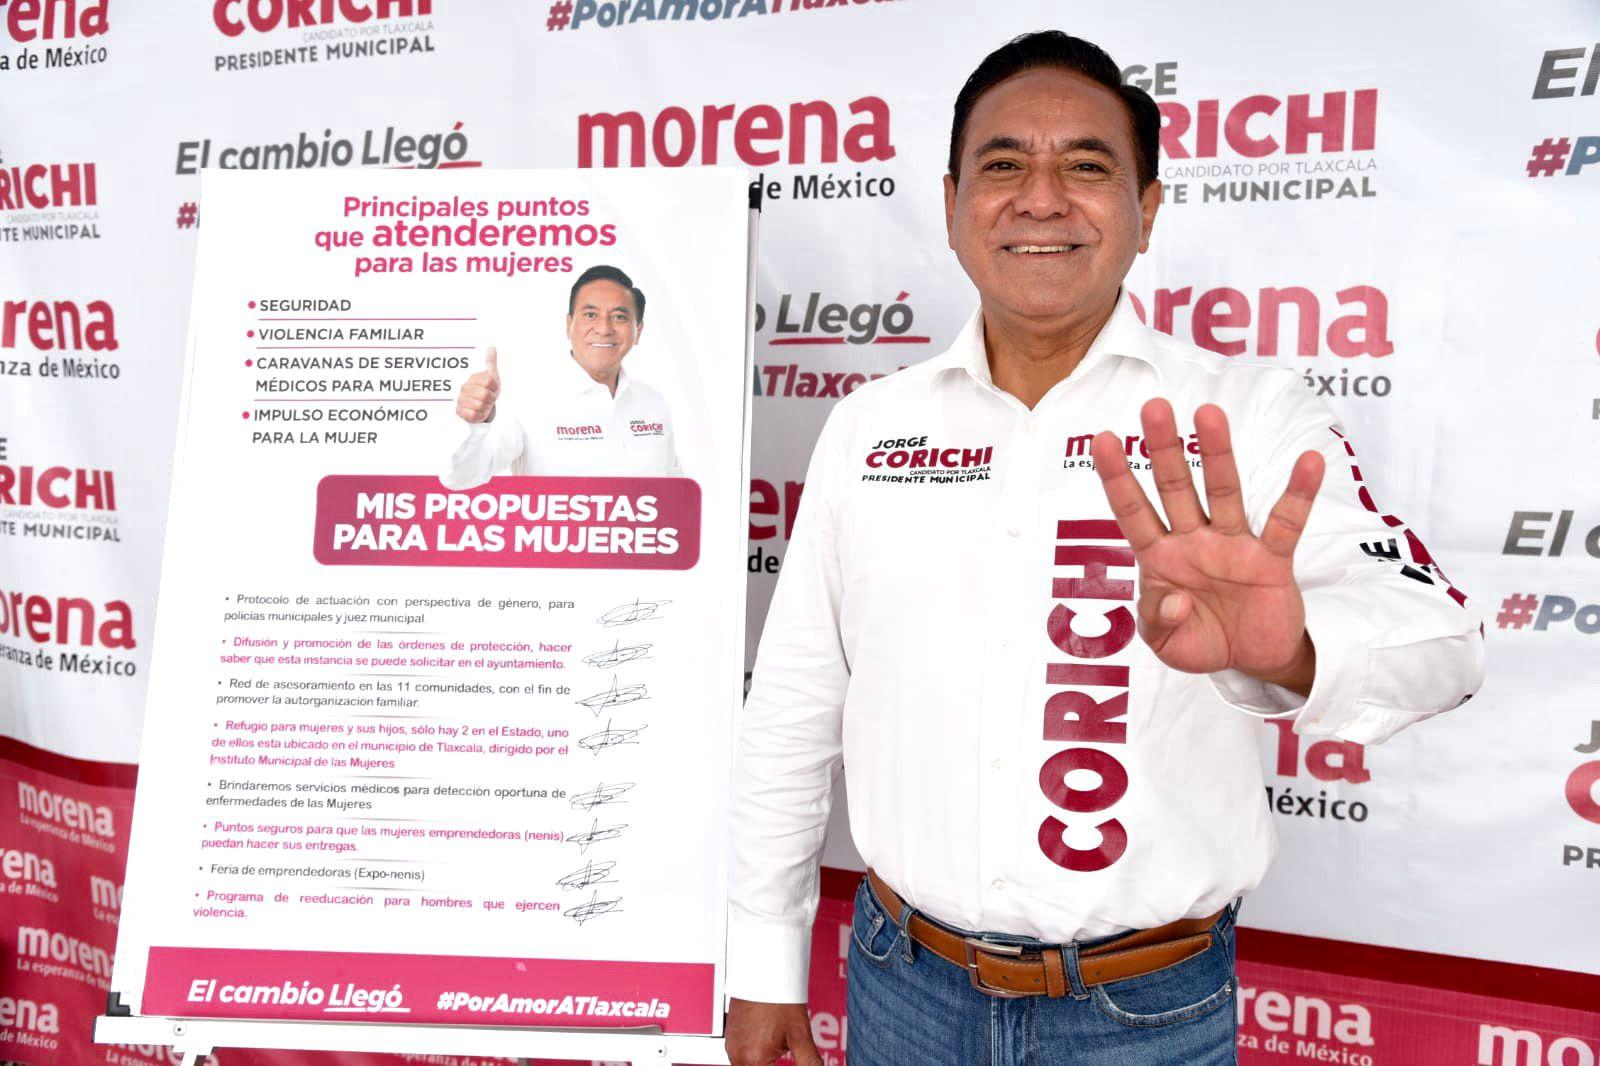 Encabezaré un gobierno de soluciones: Jorge Corichi